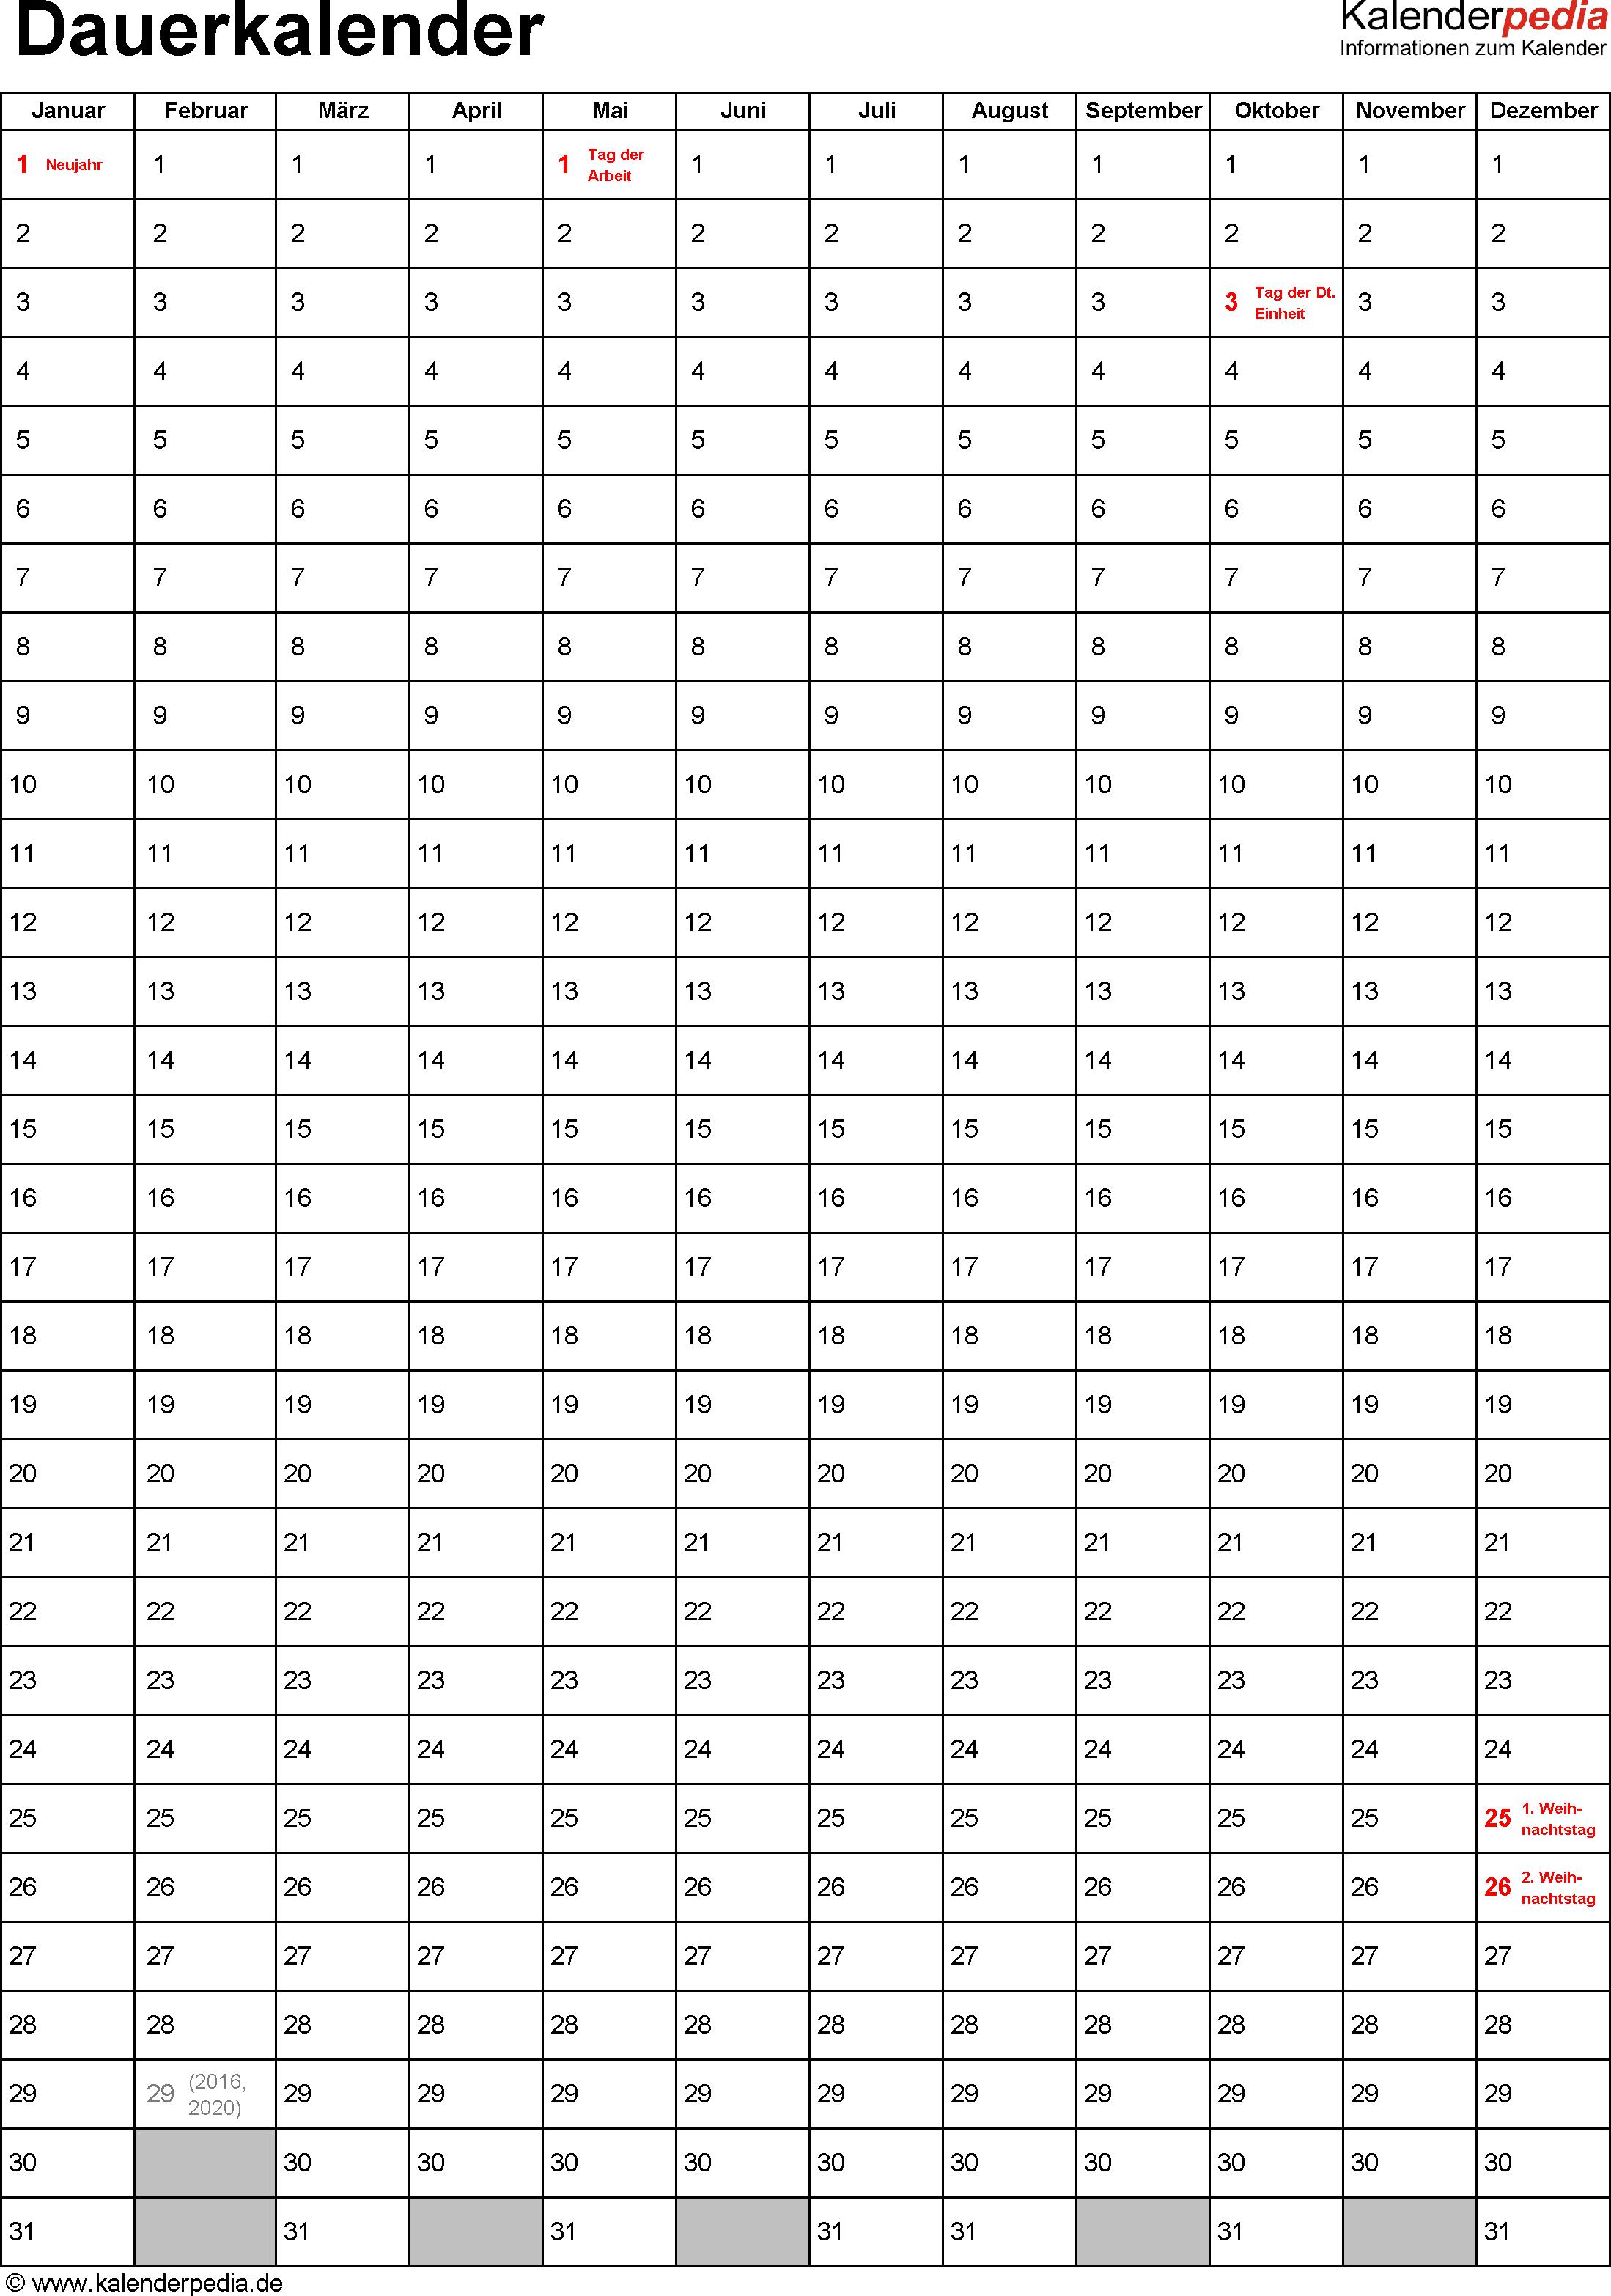 dauerkalender immerw228hrender kalender in pdf zum ausdrucken